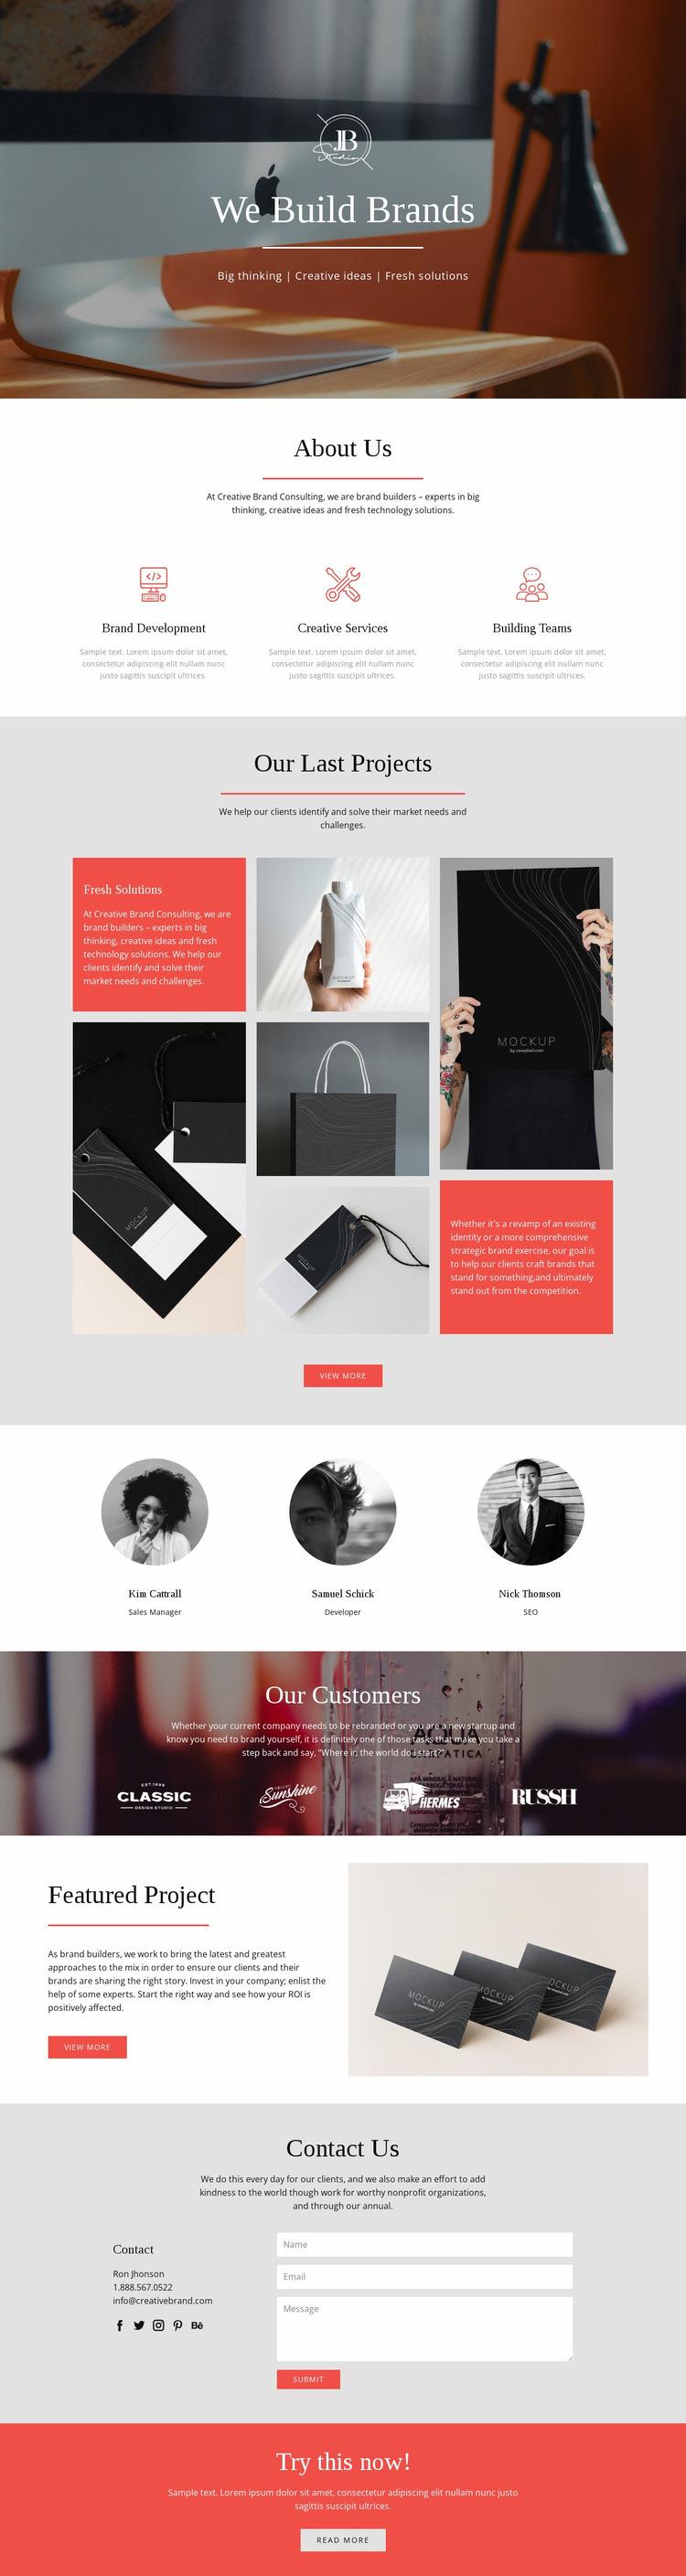 We build brands Website Builder